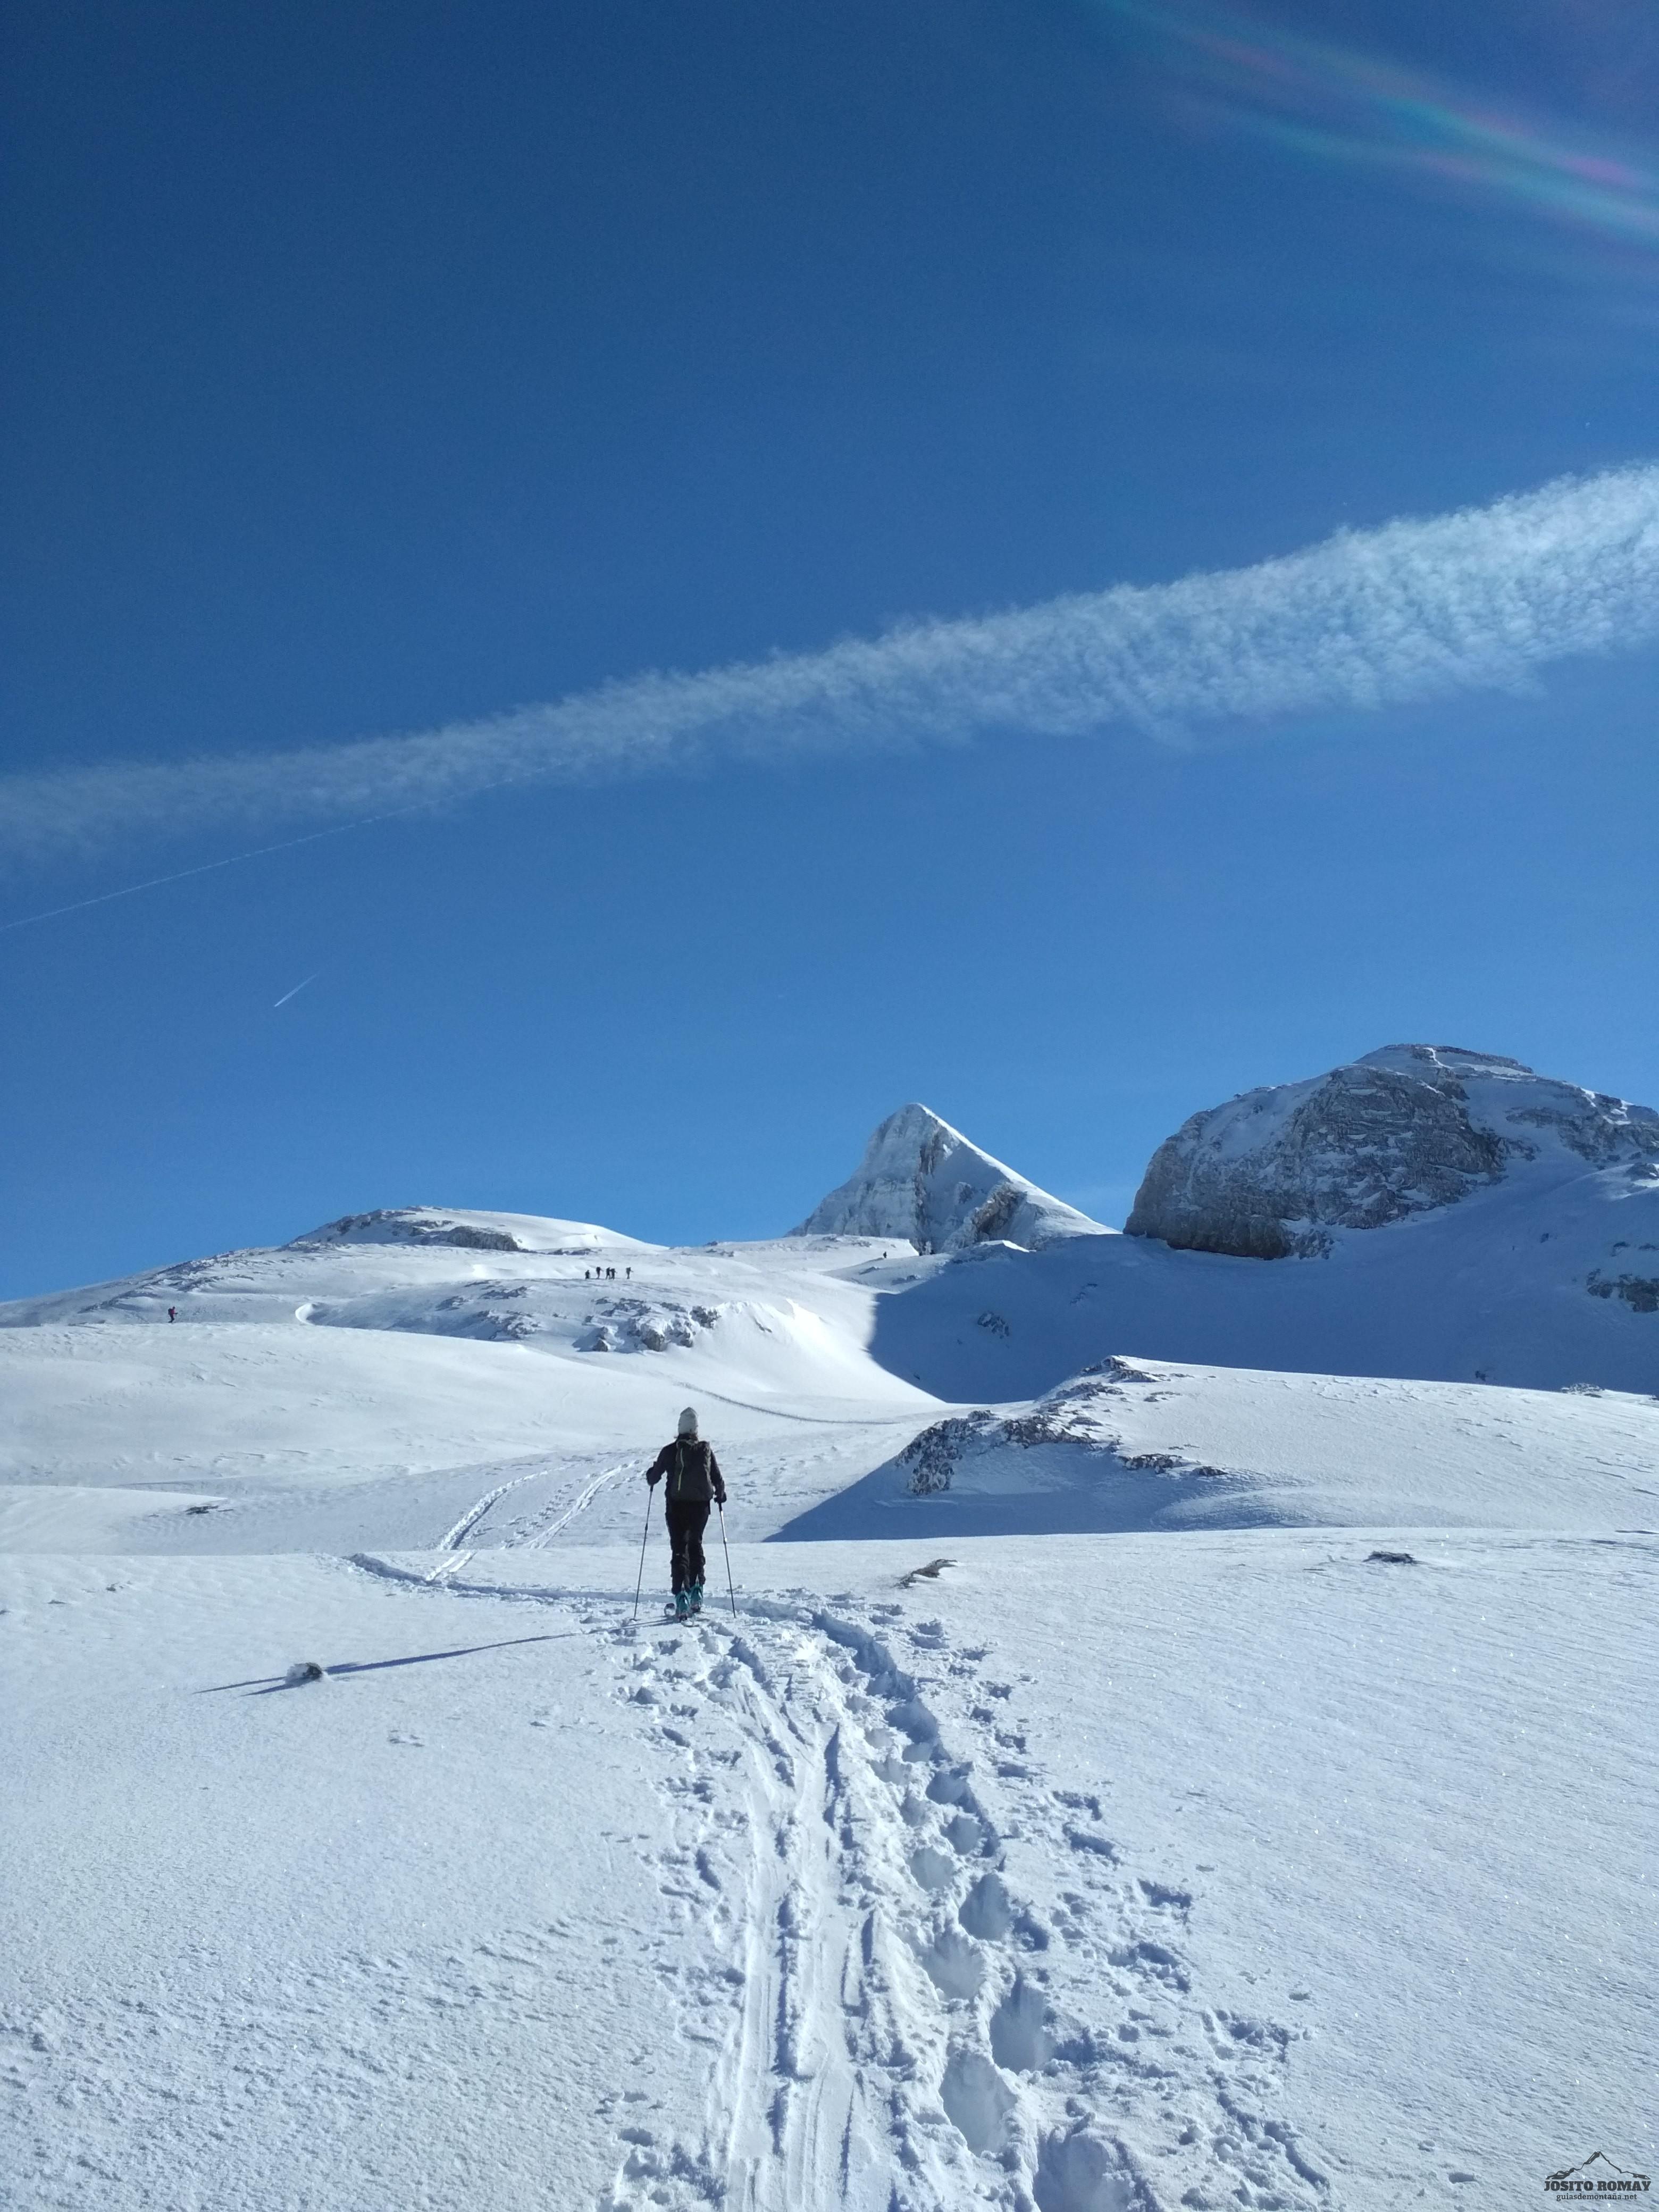 De nuevo esqui de travesía en la zona del Anie